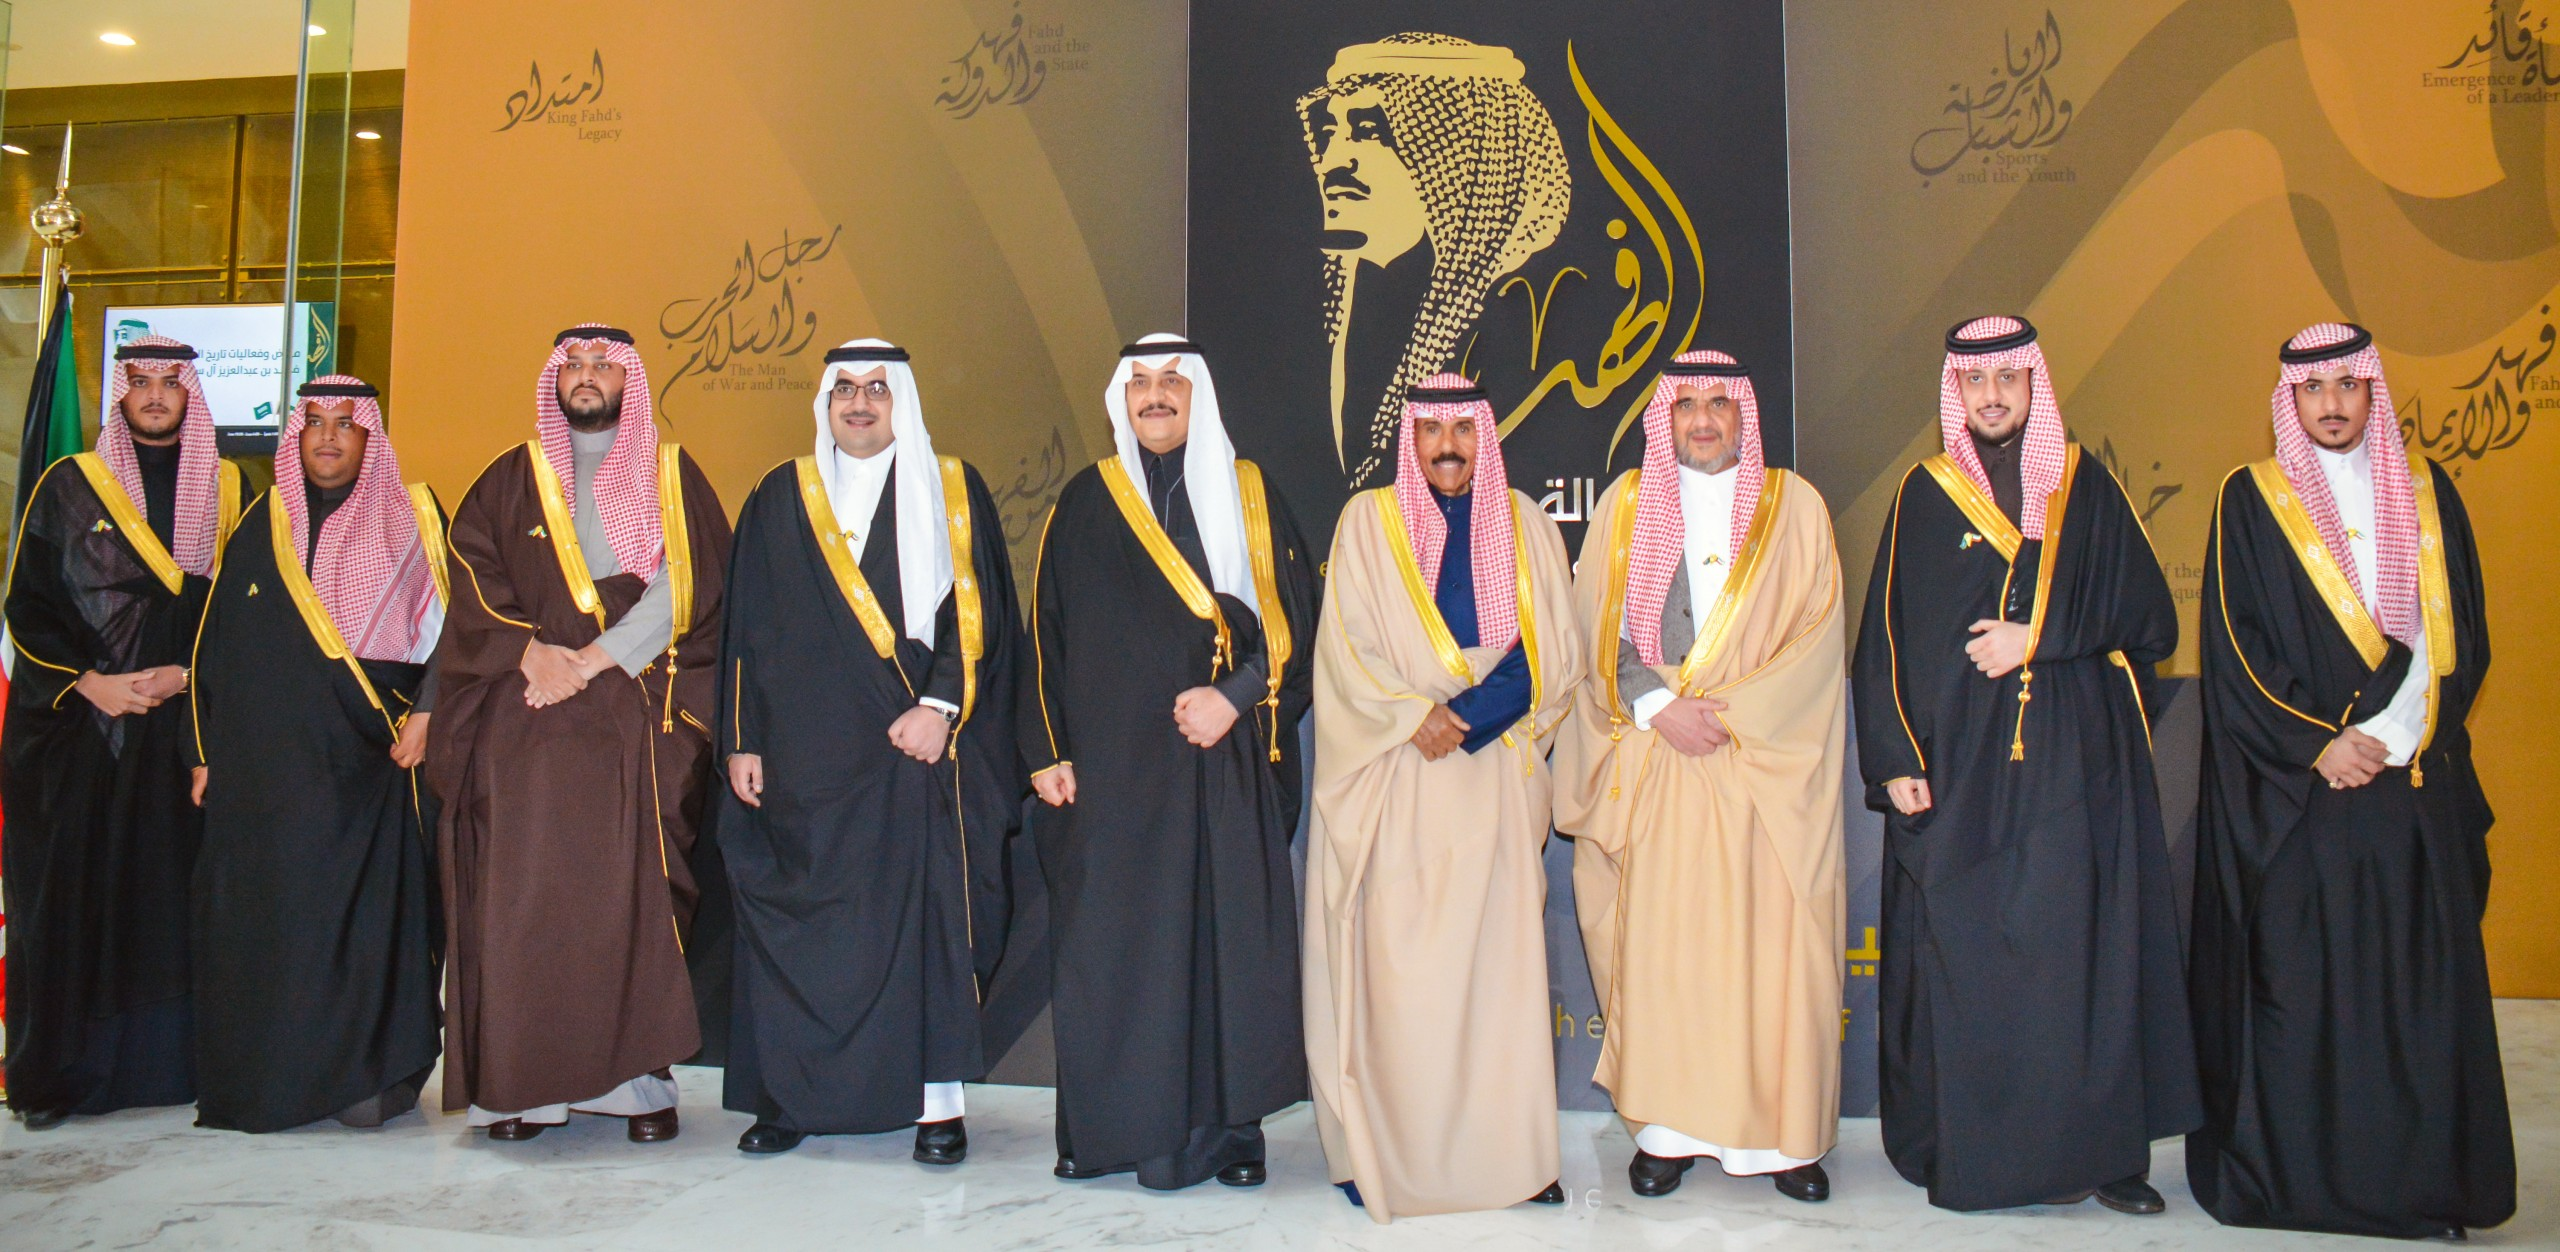 افتتاح معرض الفهد روح القيادة في الكويت